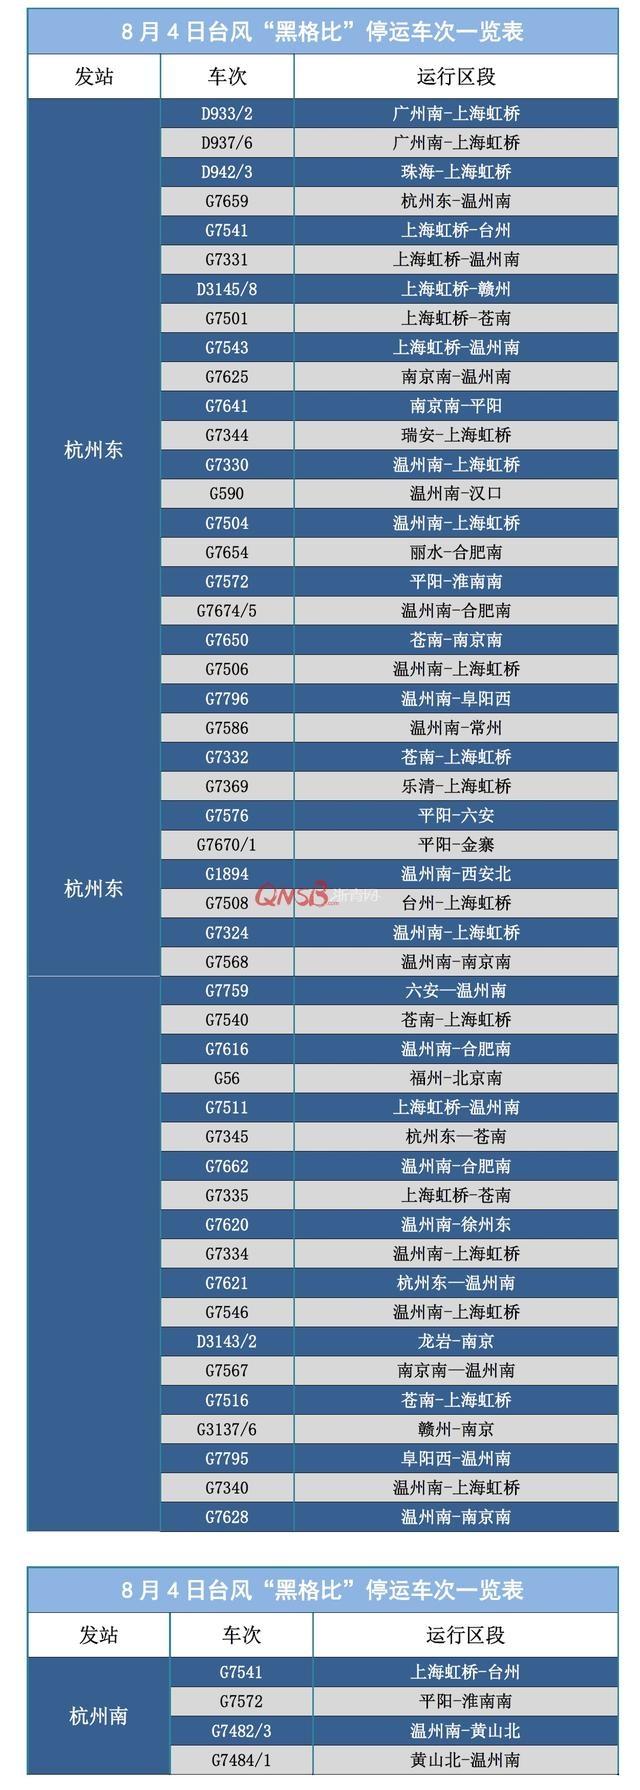 """受台风""""黑格比""""影响,8月4日铁路杭州站停运部分动车组列车"""